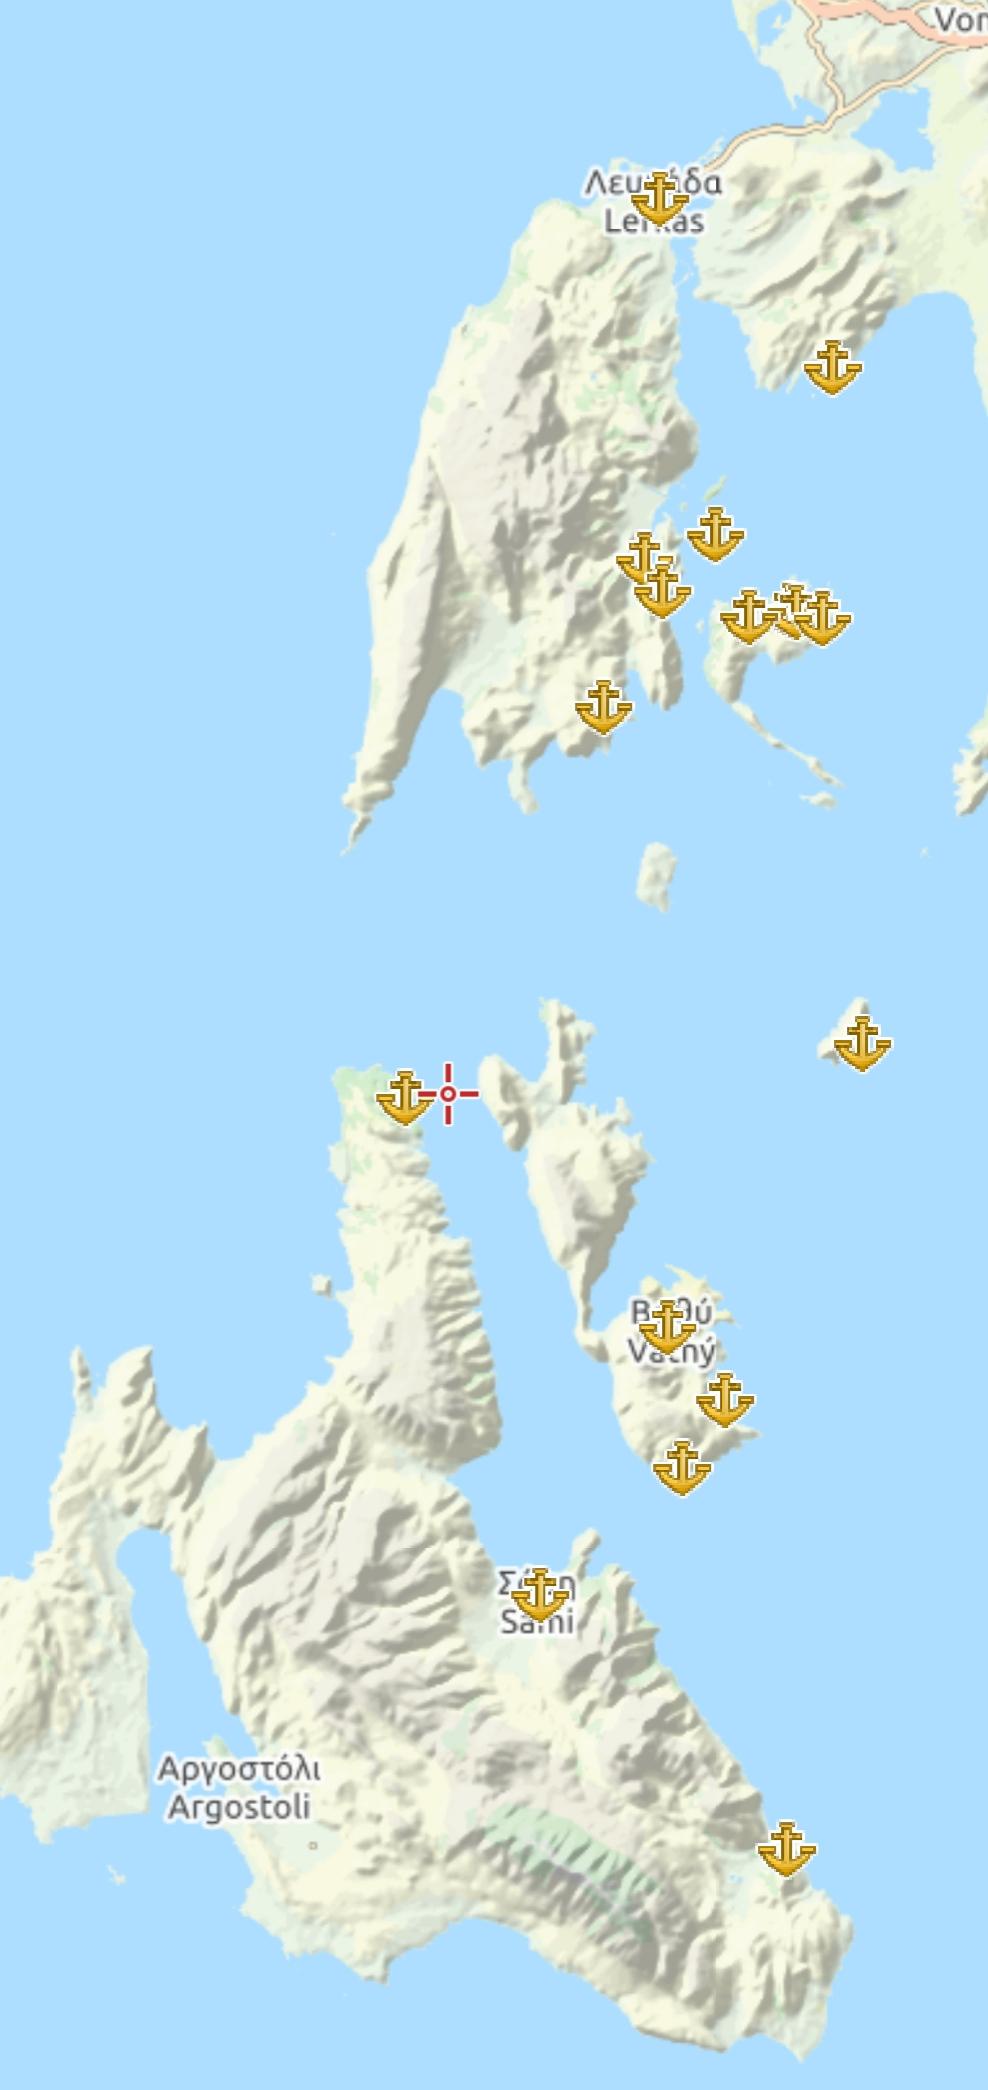 Porti e baie delle isole ioniche meridionali